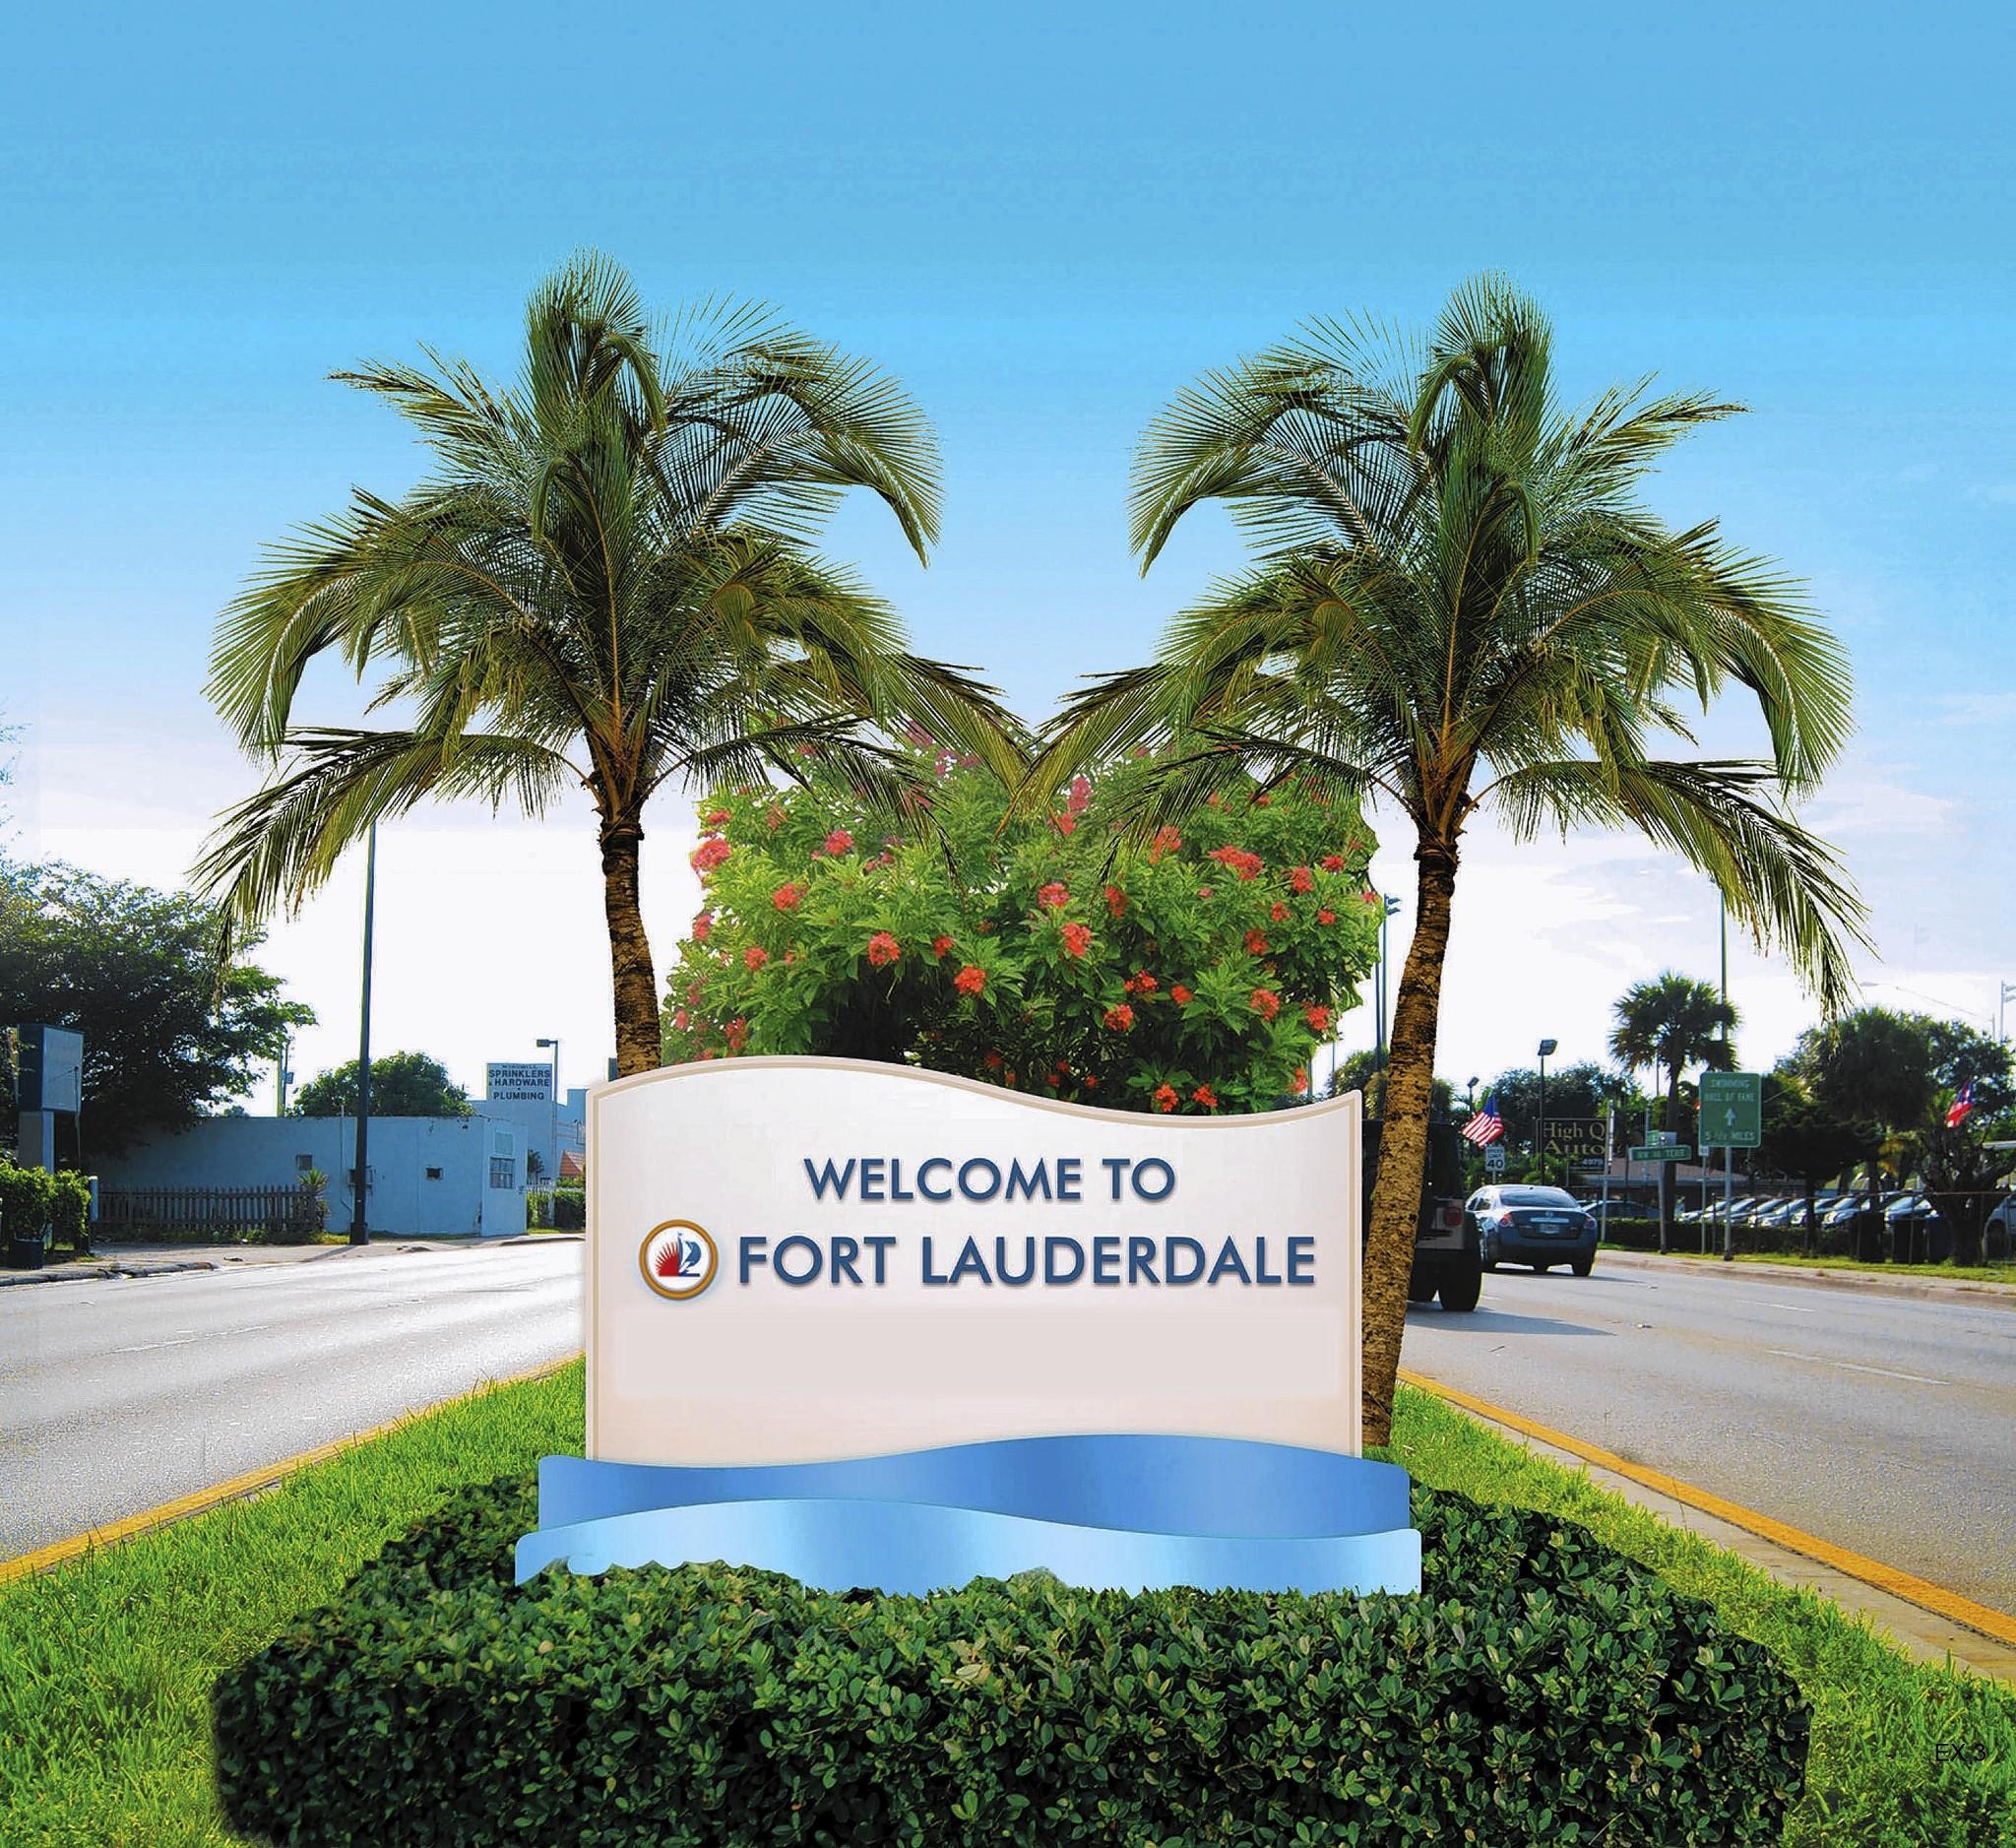 Rendering of planned entranceway medians in Fort Lauderdale.